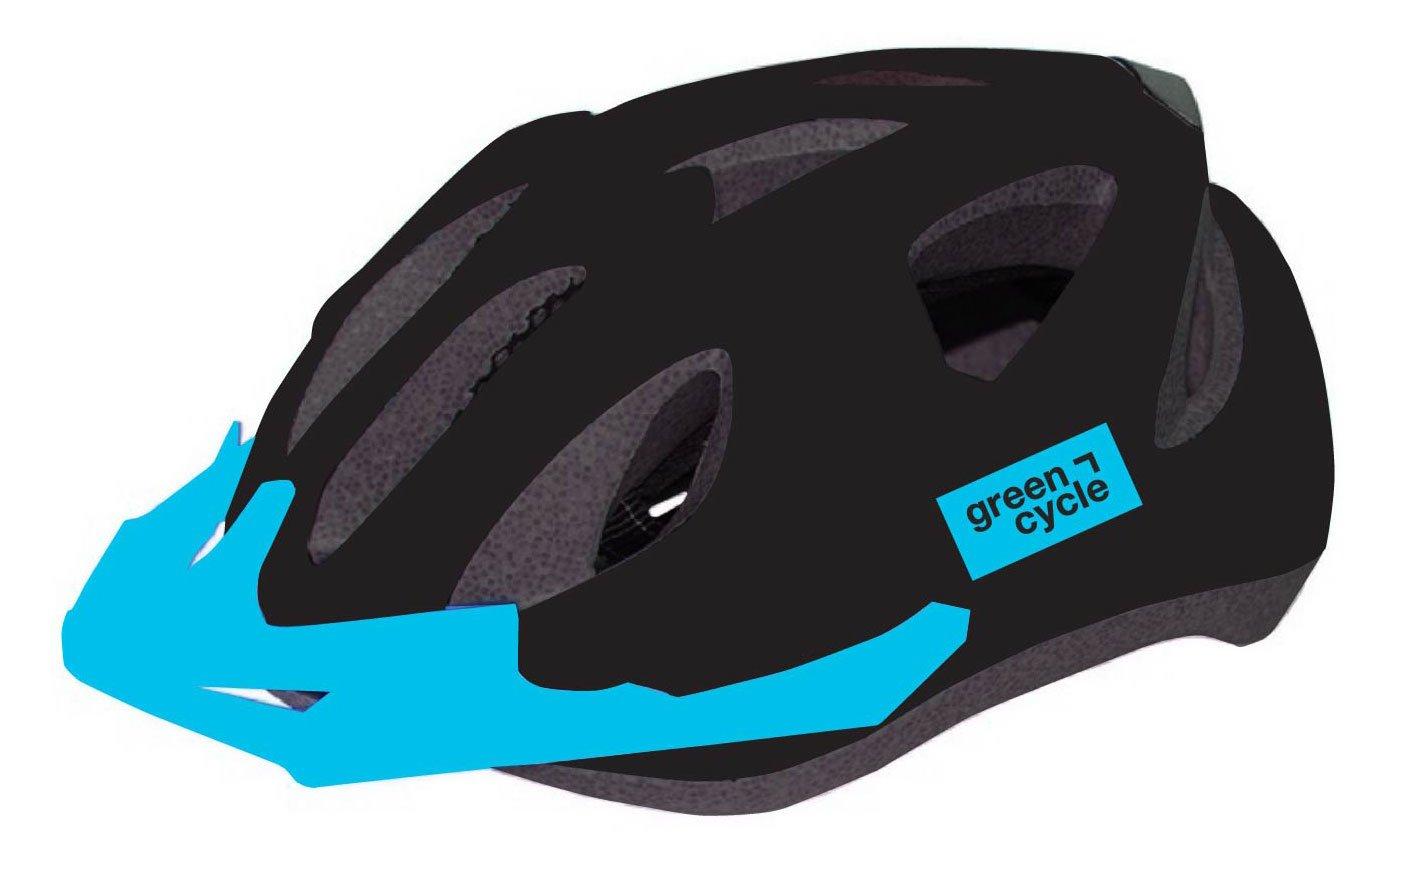 Шлем велосипедный детский Green Cycle ROWDY, черный лак (Размер: 50-56см)